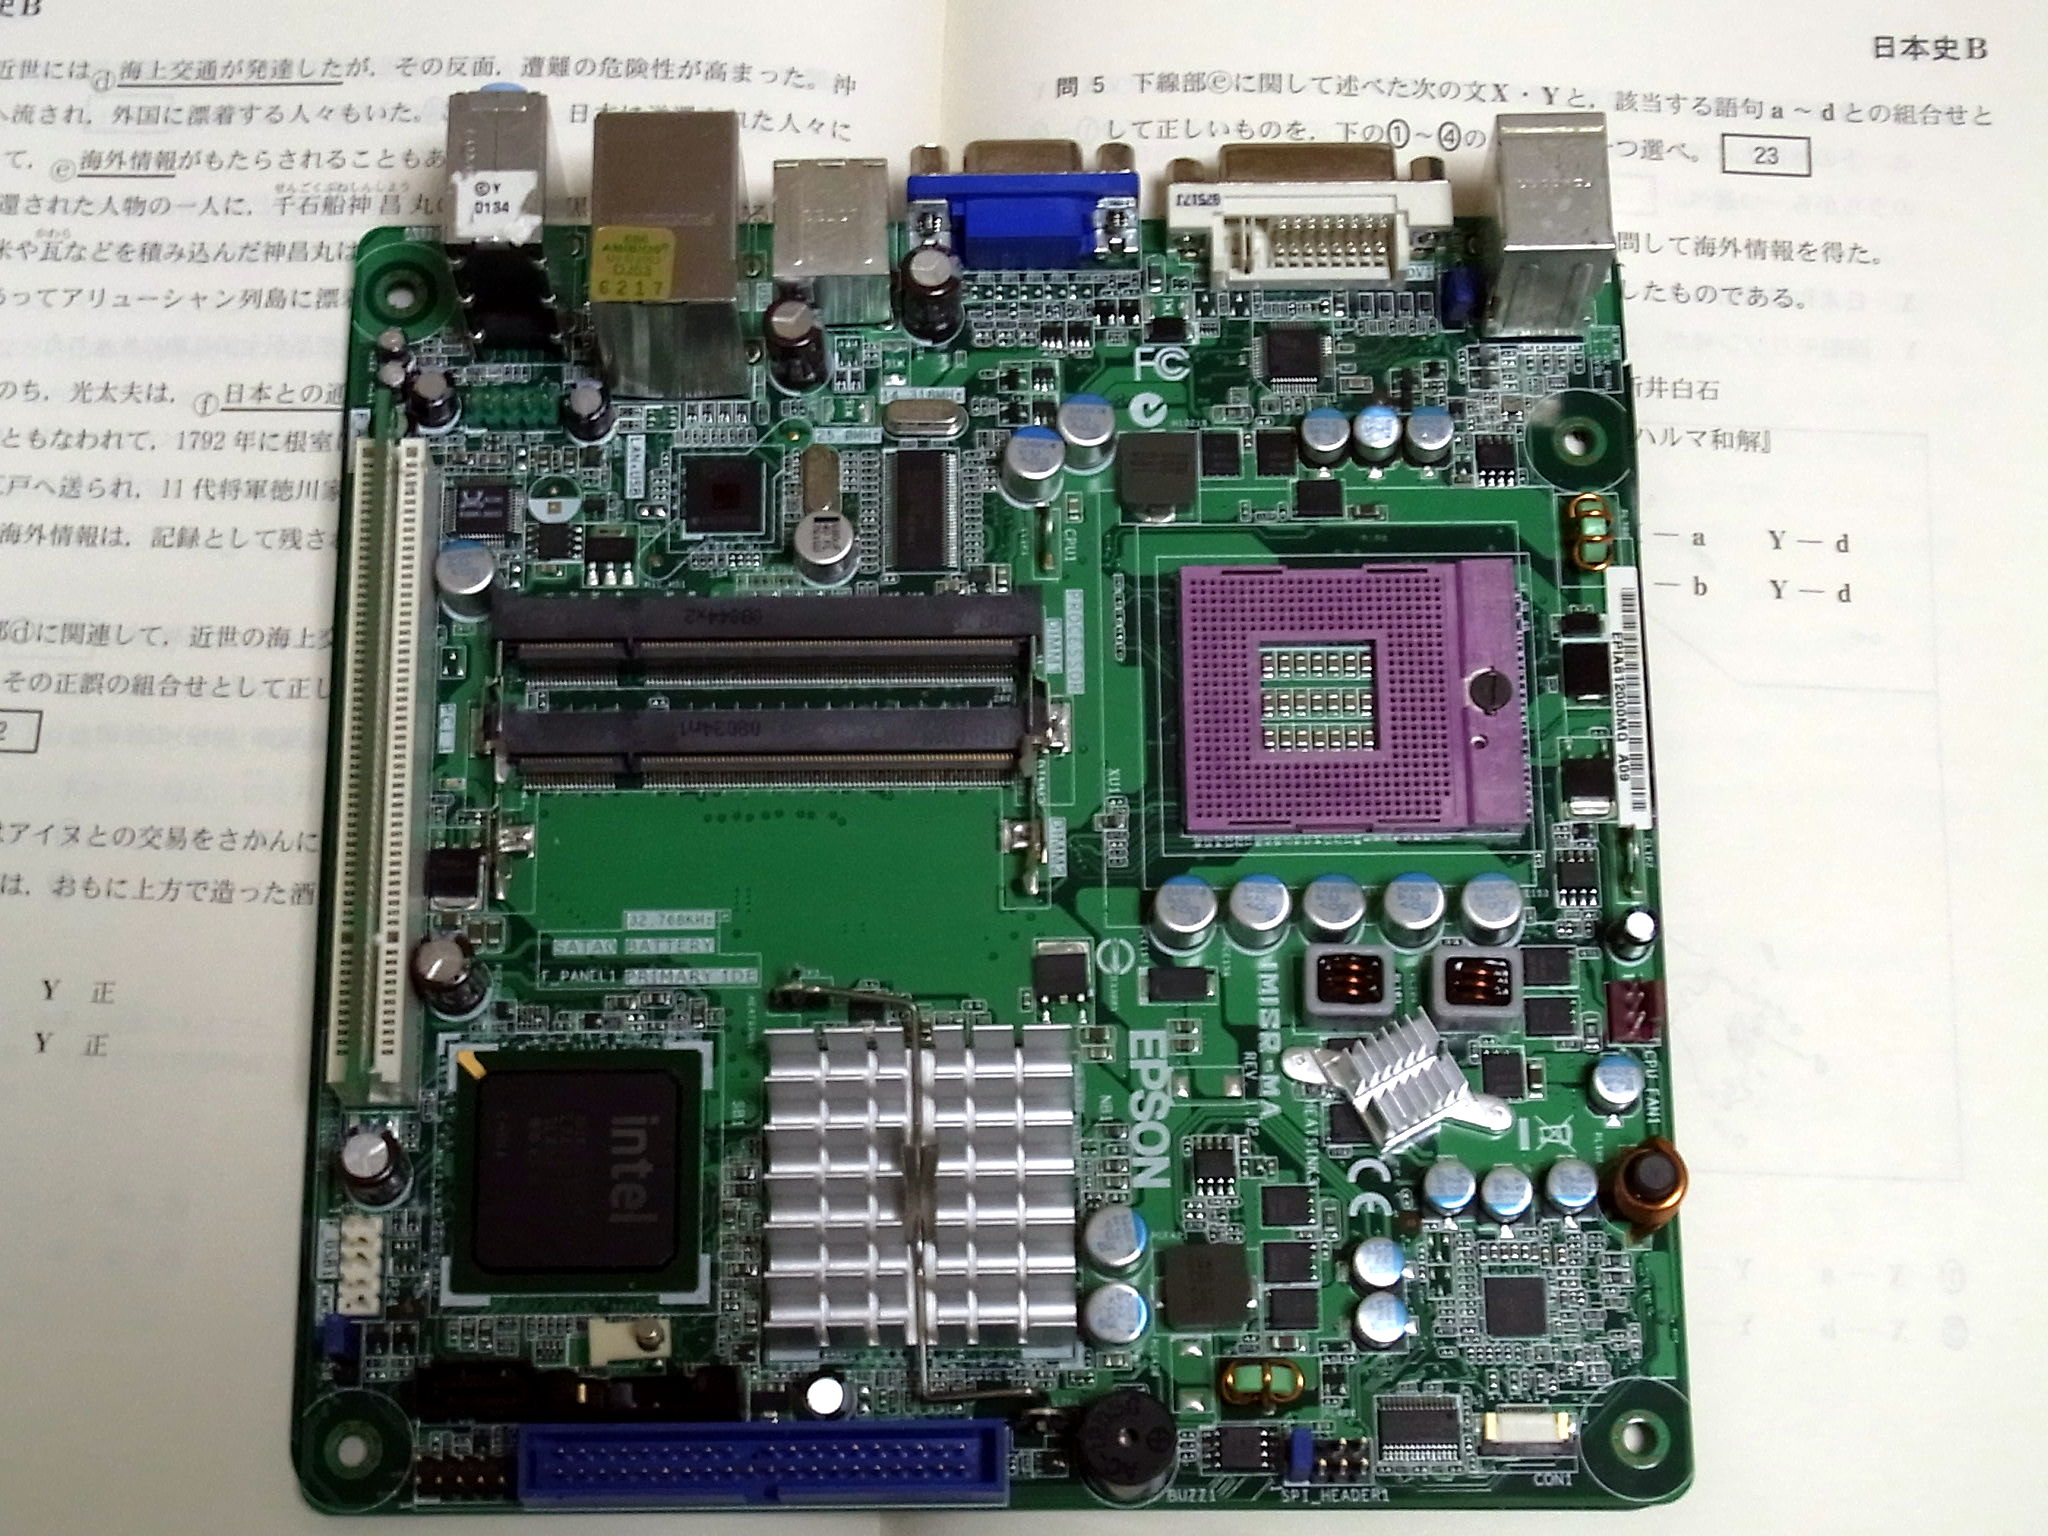 IMISR-MA(Endeavor ST110 M/B)